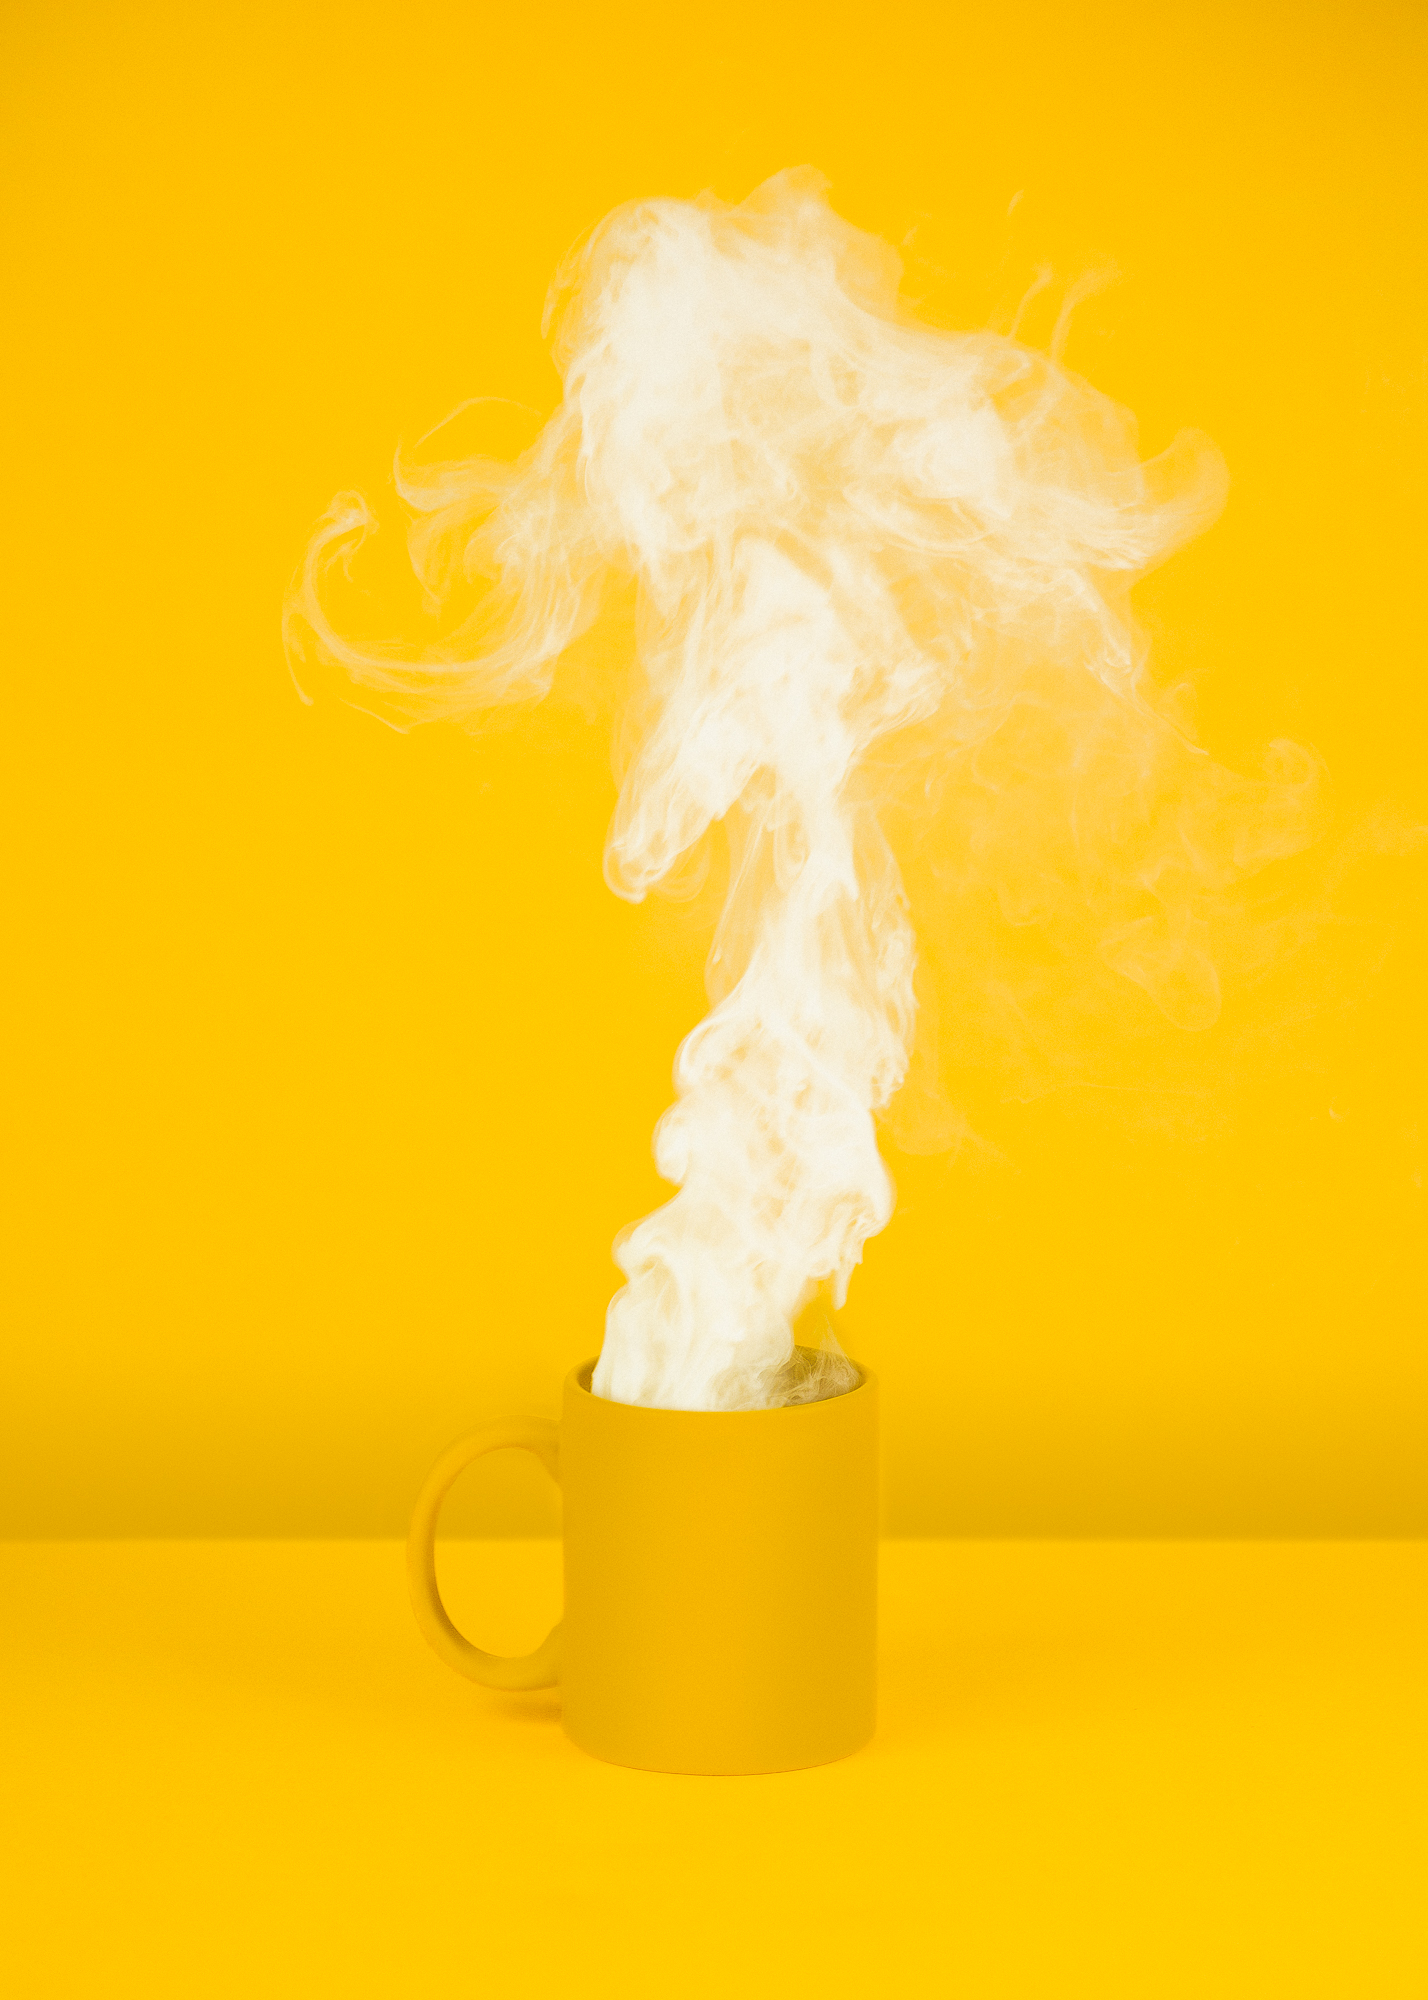 Happy New Coffee 2014